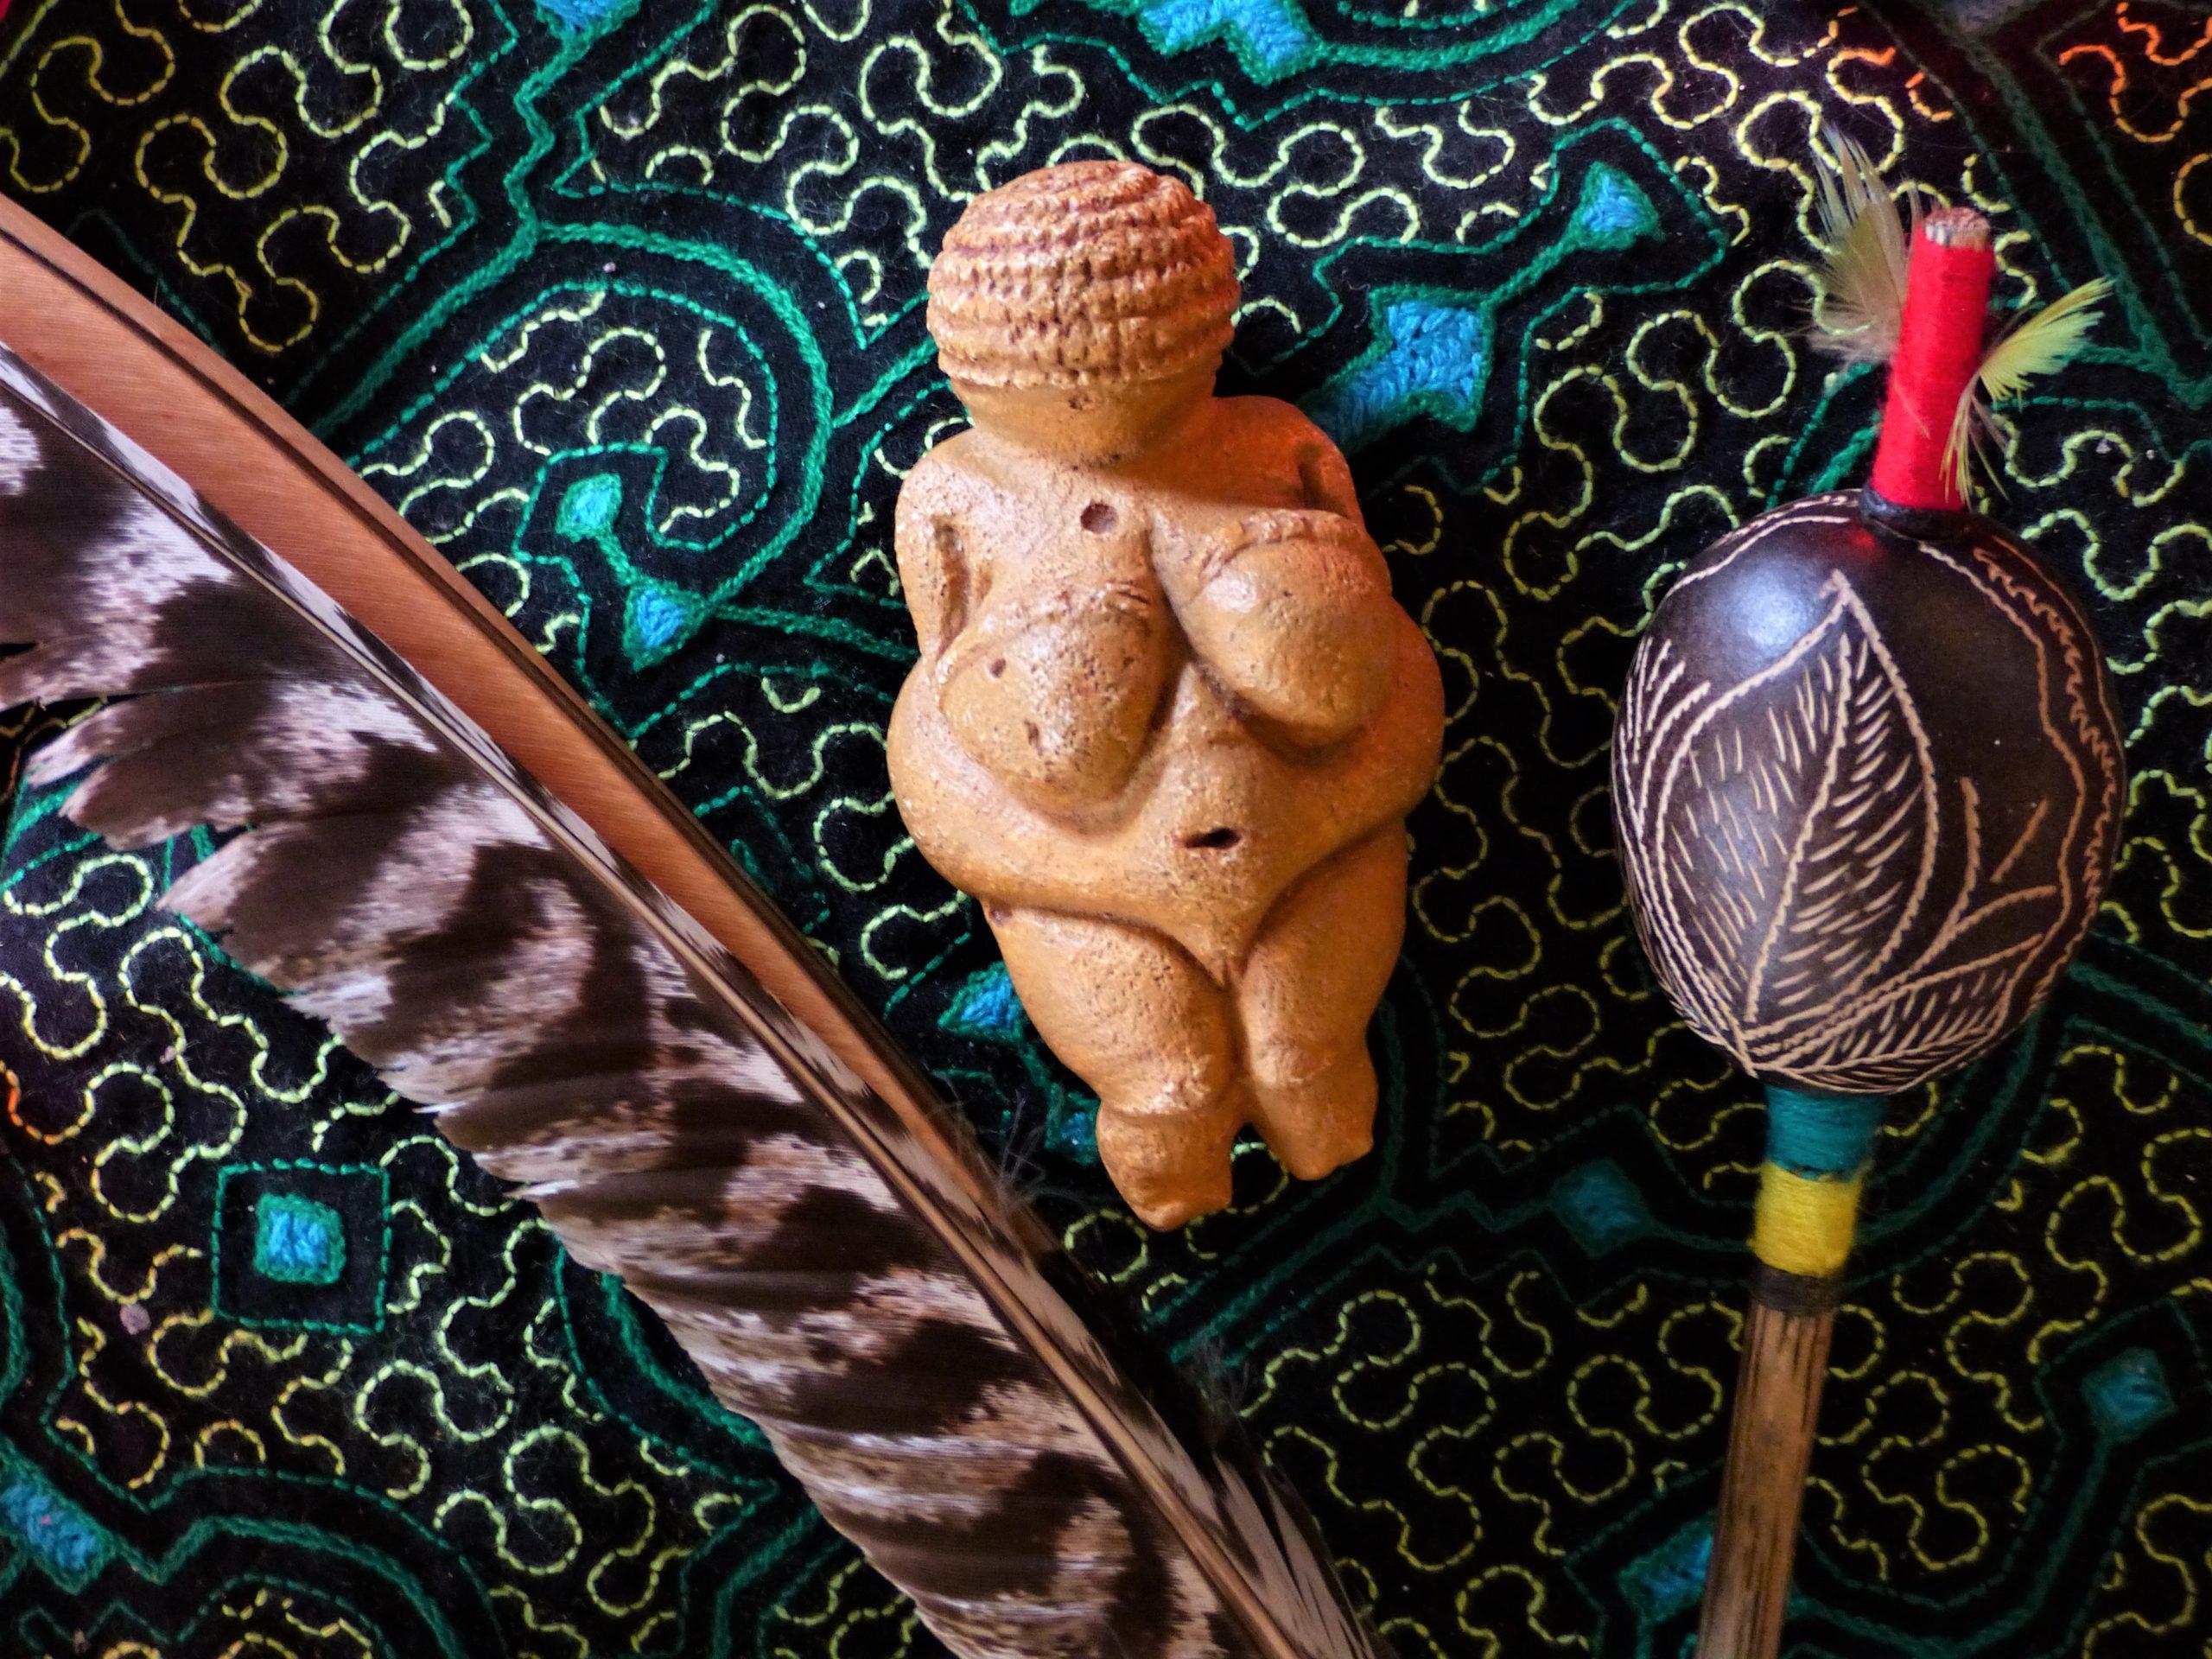 Altperuanische Pfeife und Rassel